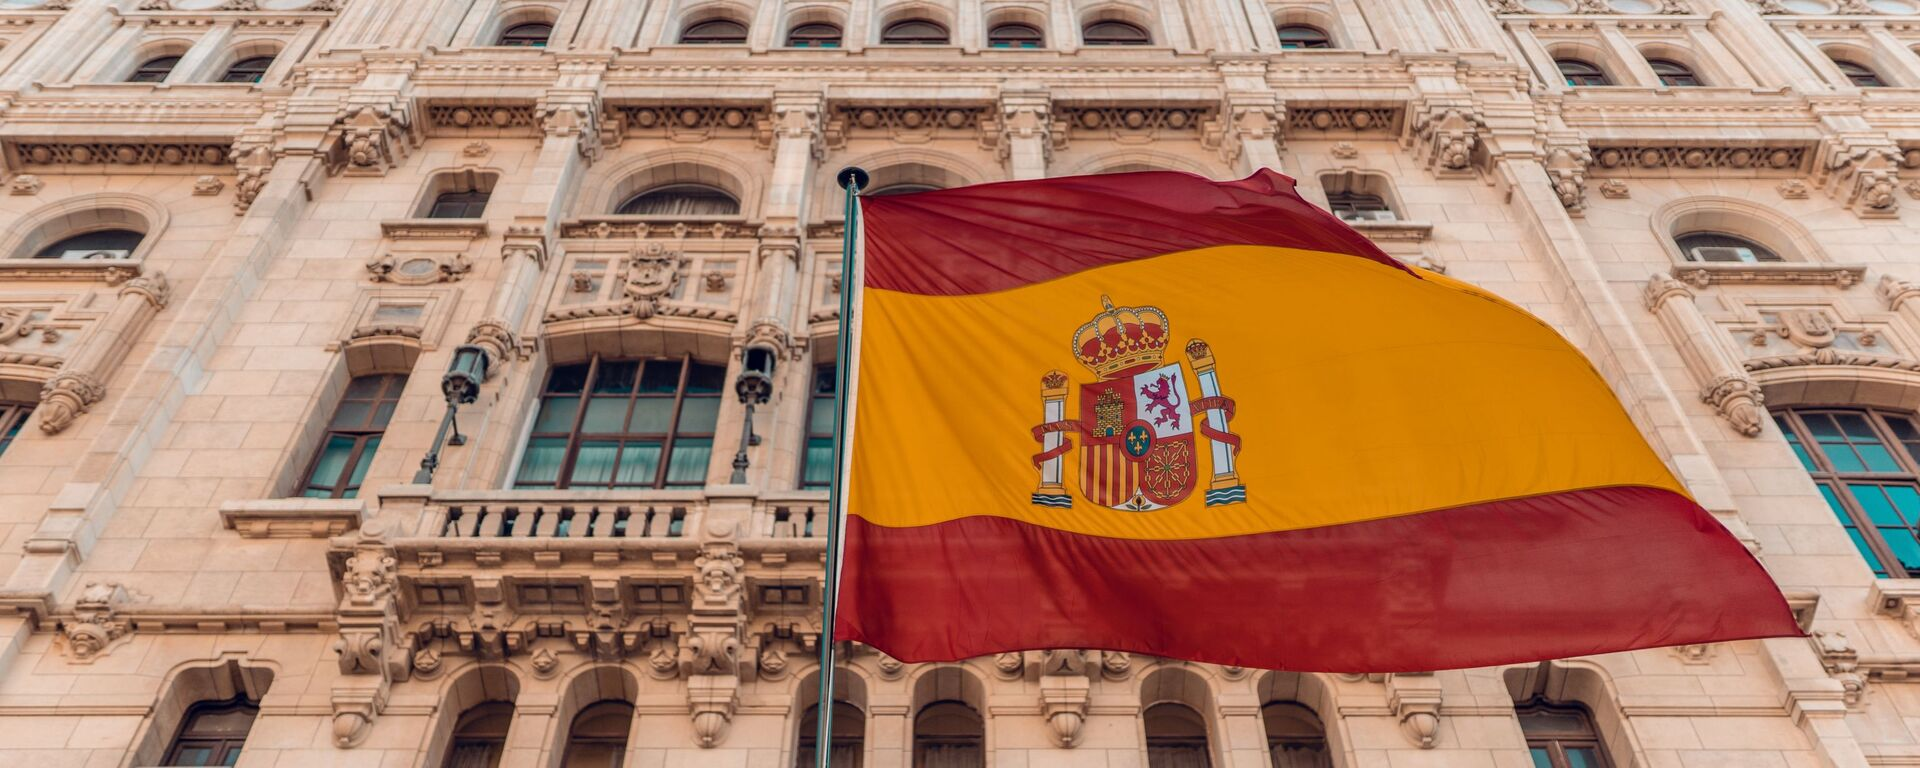 La bandera de España  - Sputnik Mundo, 1920, 04.06.2021